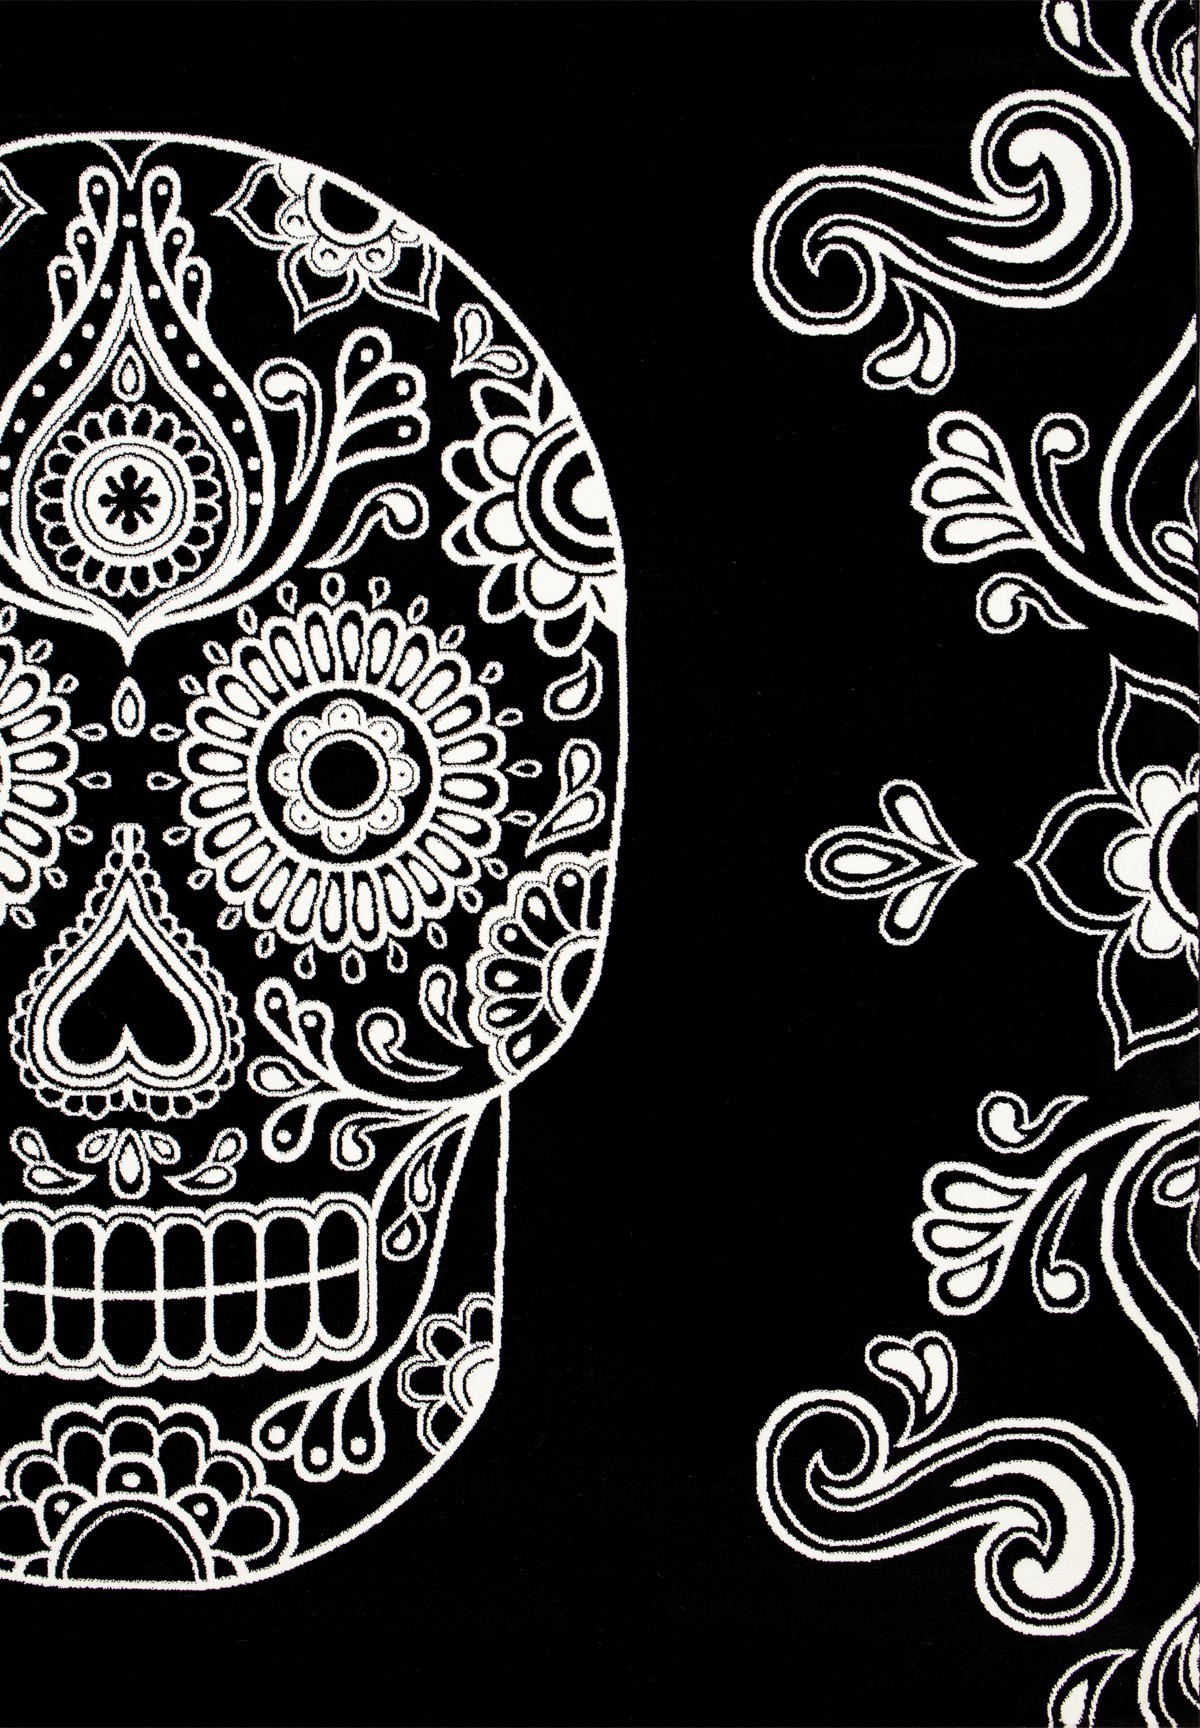 Moderner Teppich Schwarz Weiß Kunstvoll Design Totenkopf